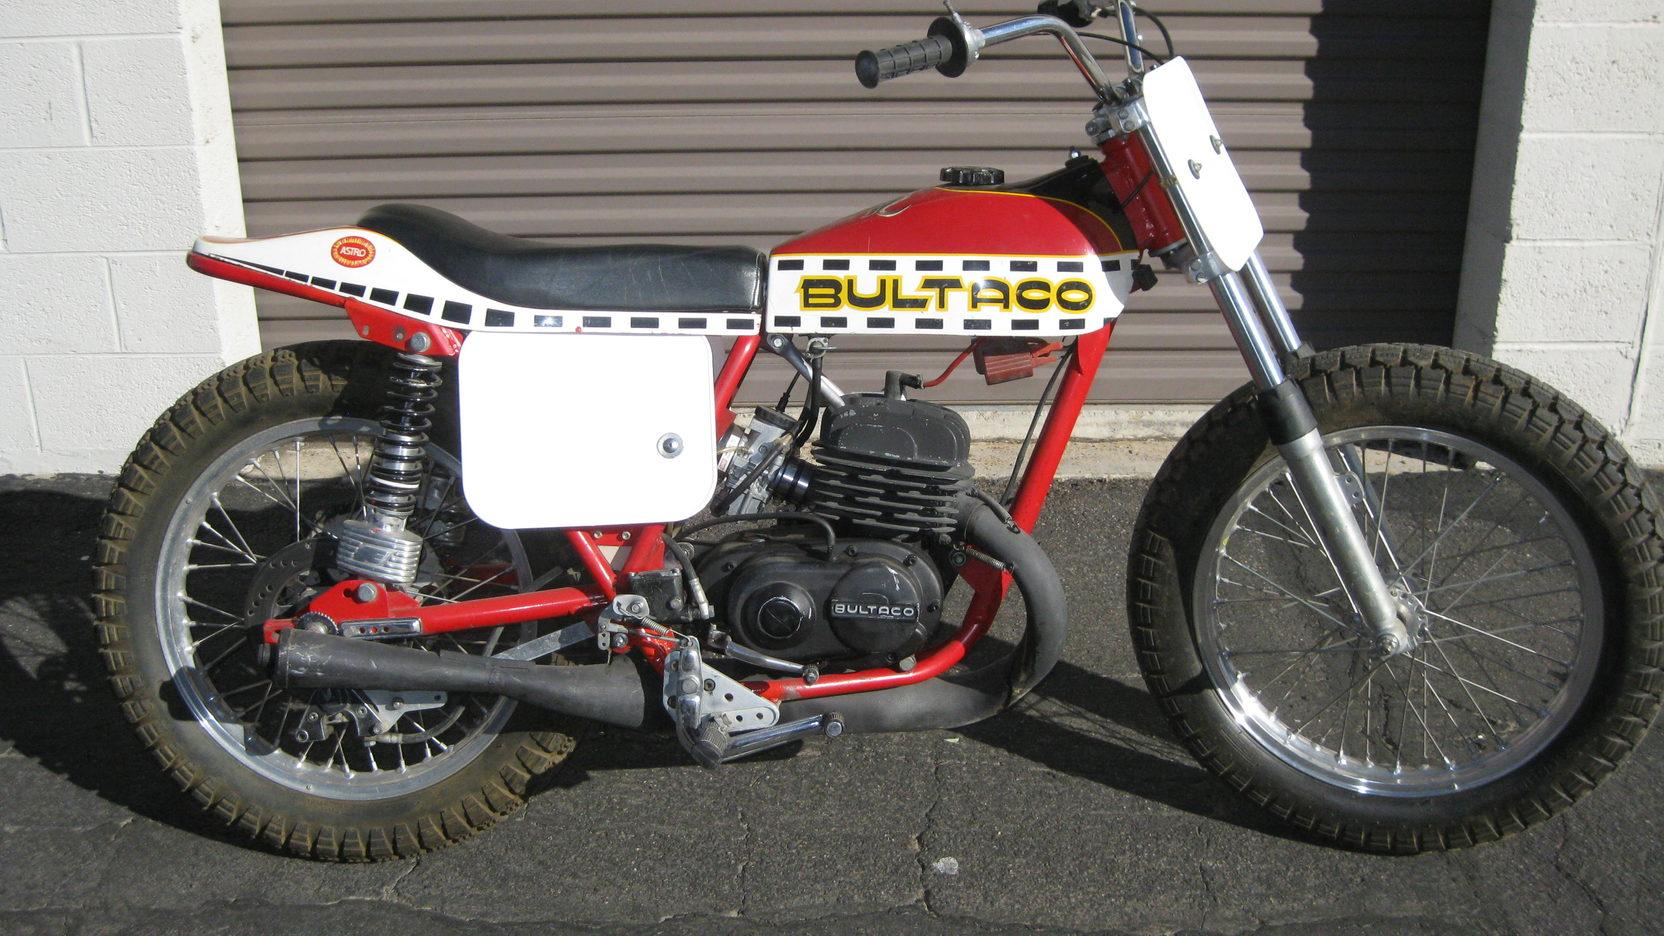 Nervio Bultaco para conquistar las carreras Dirt-Track americanas y el mercado trasladando el alma española a los circuitos del derrape controlado.